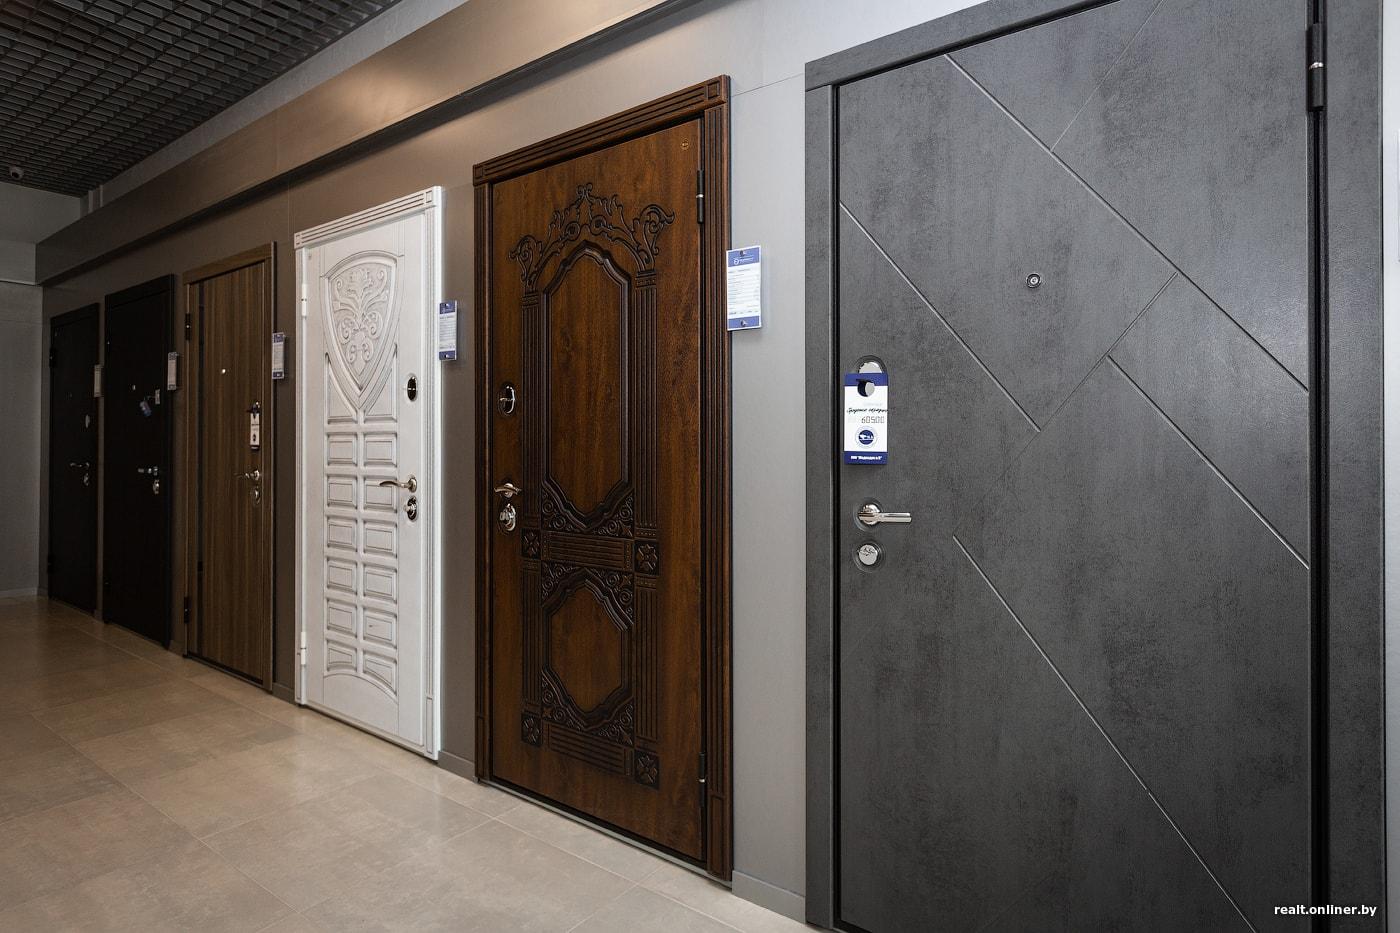 какие входные двери лучше выбрать для квартиры фирмы